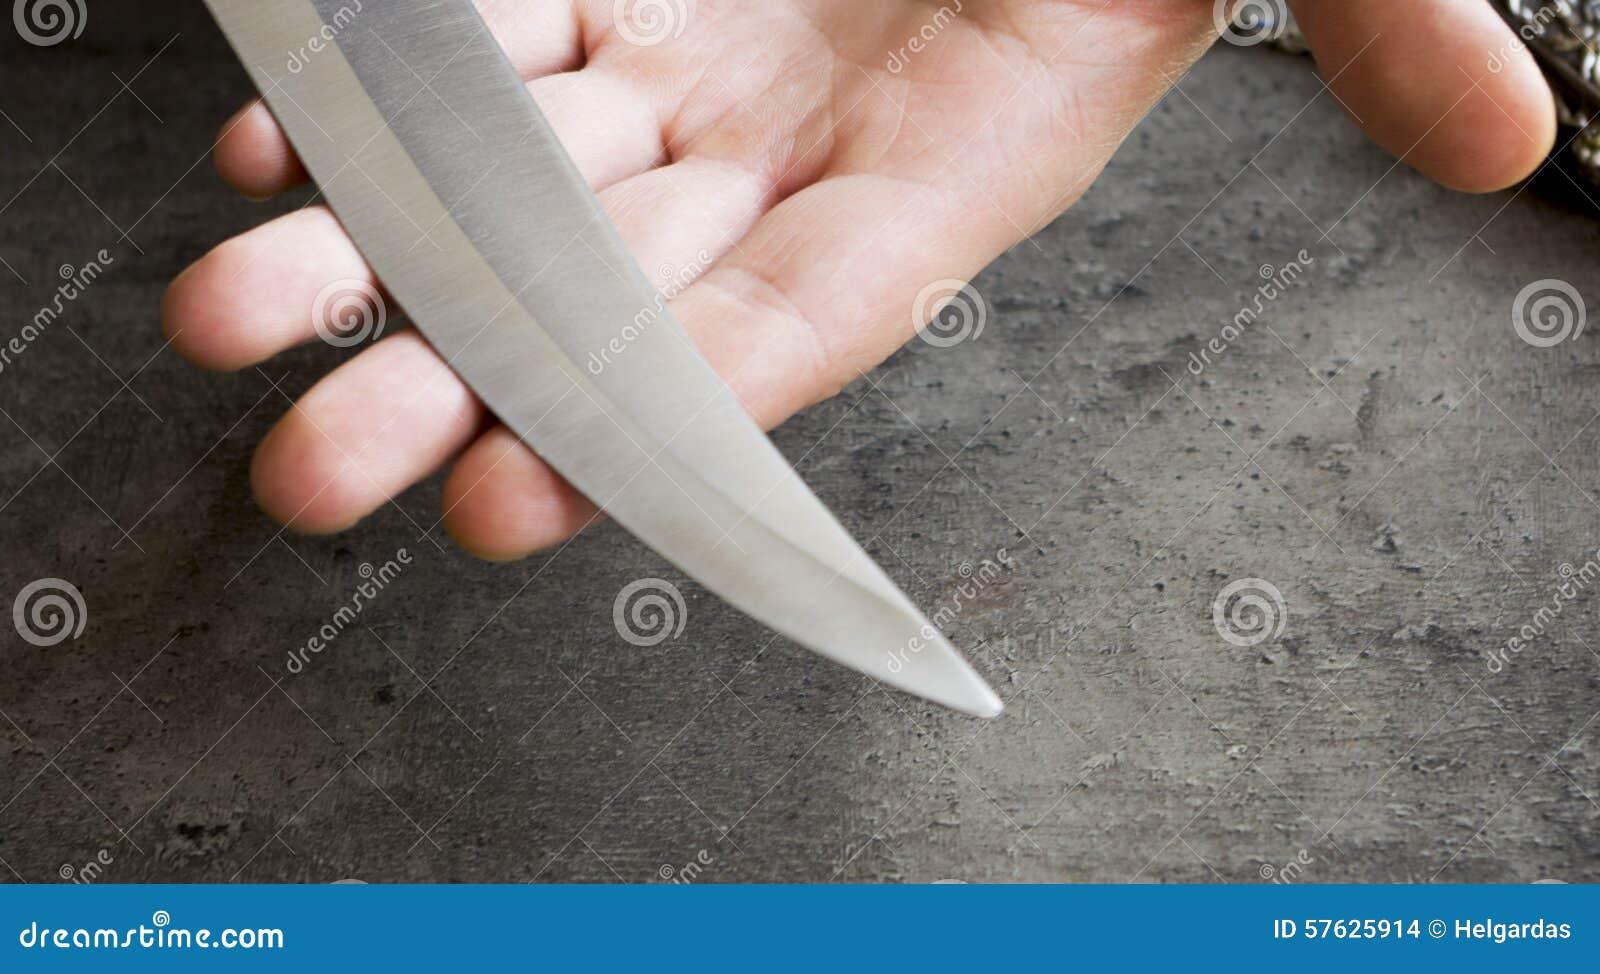 Cuchillo con su cuchilla a disposición